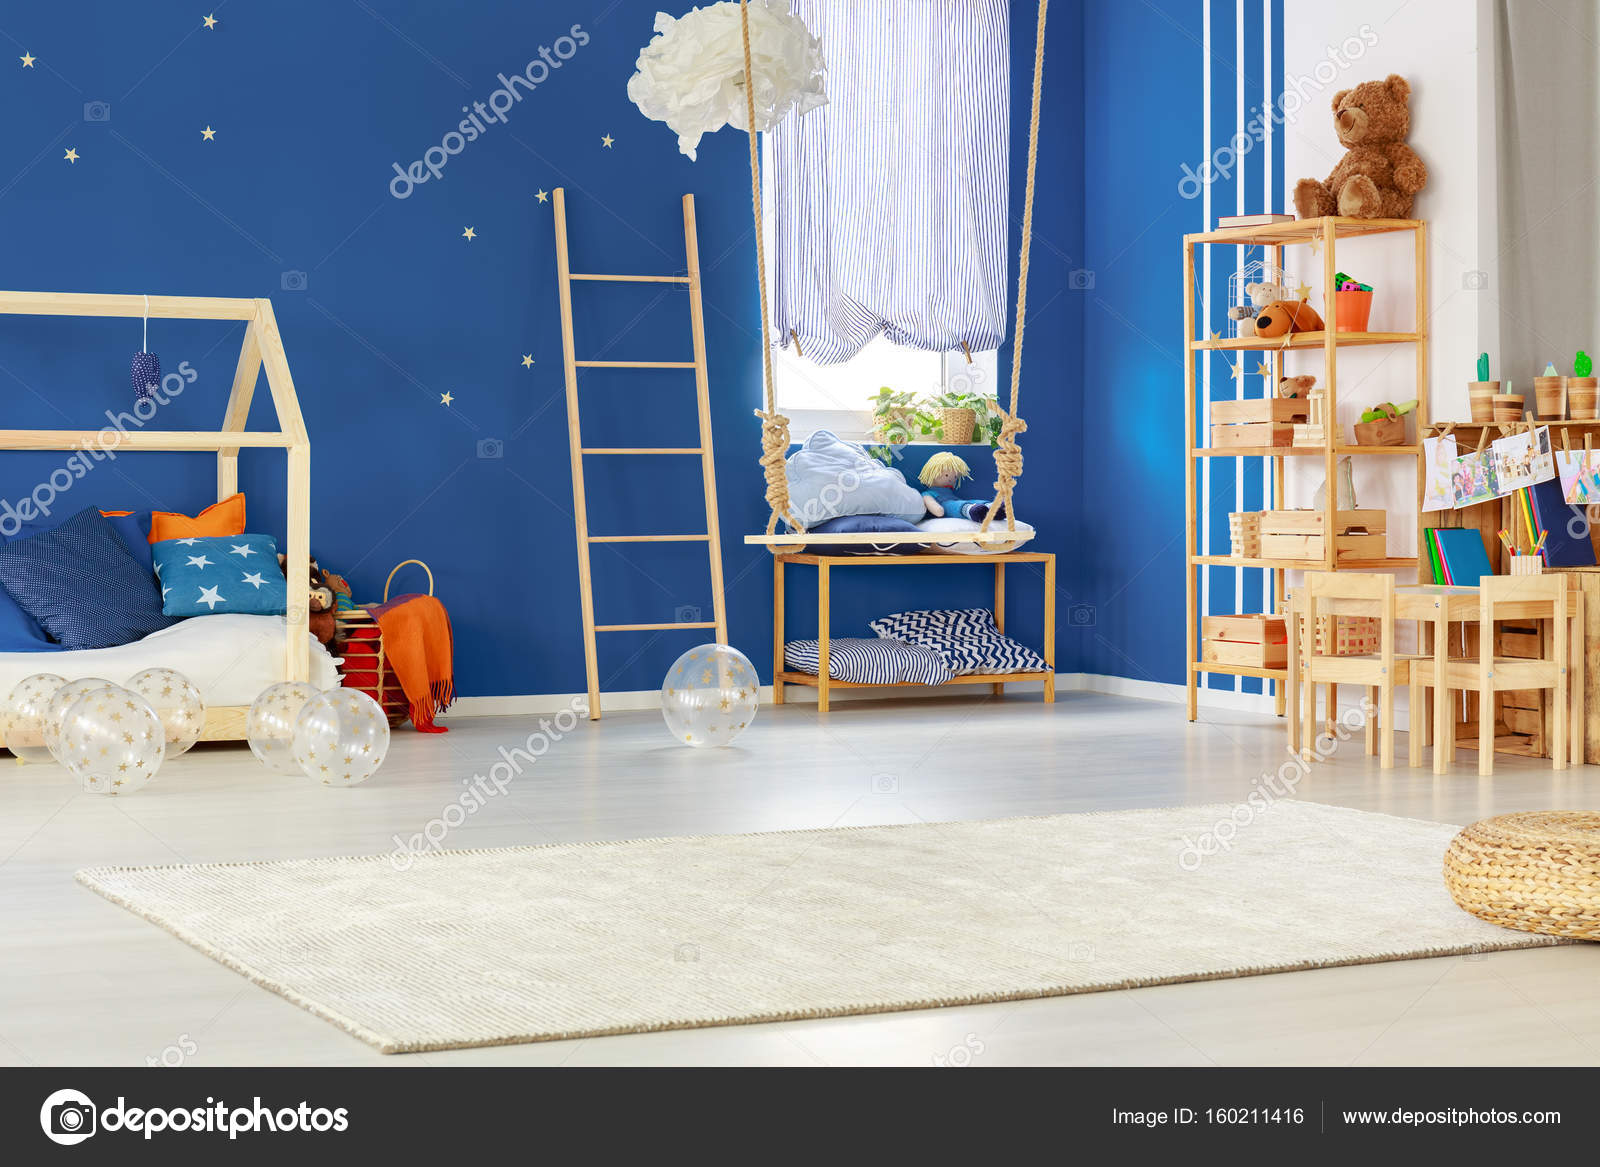 Schommel In Kinderkamer : Kinderkamer met schommel u2014 stockfoto © photographee.eu #160211416